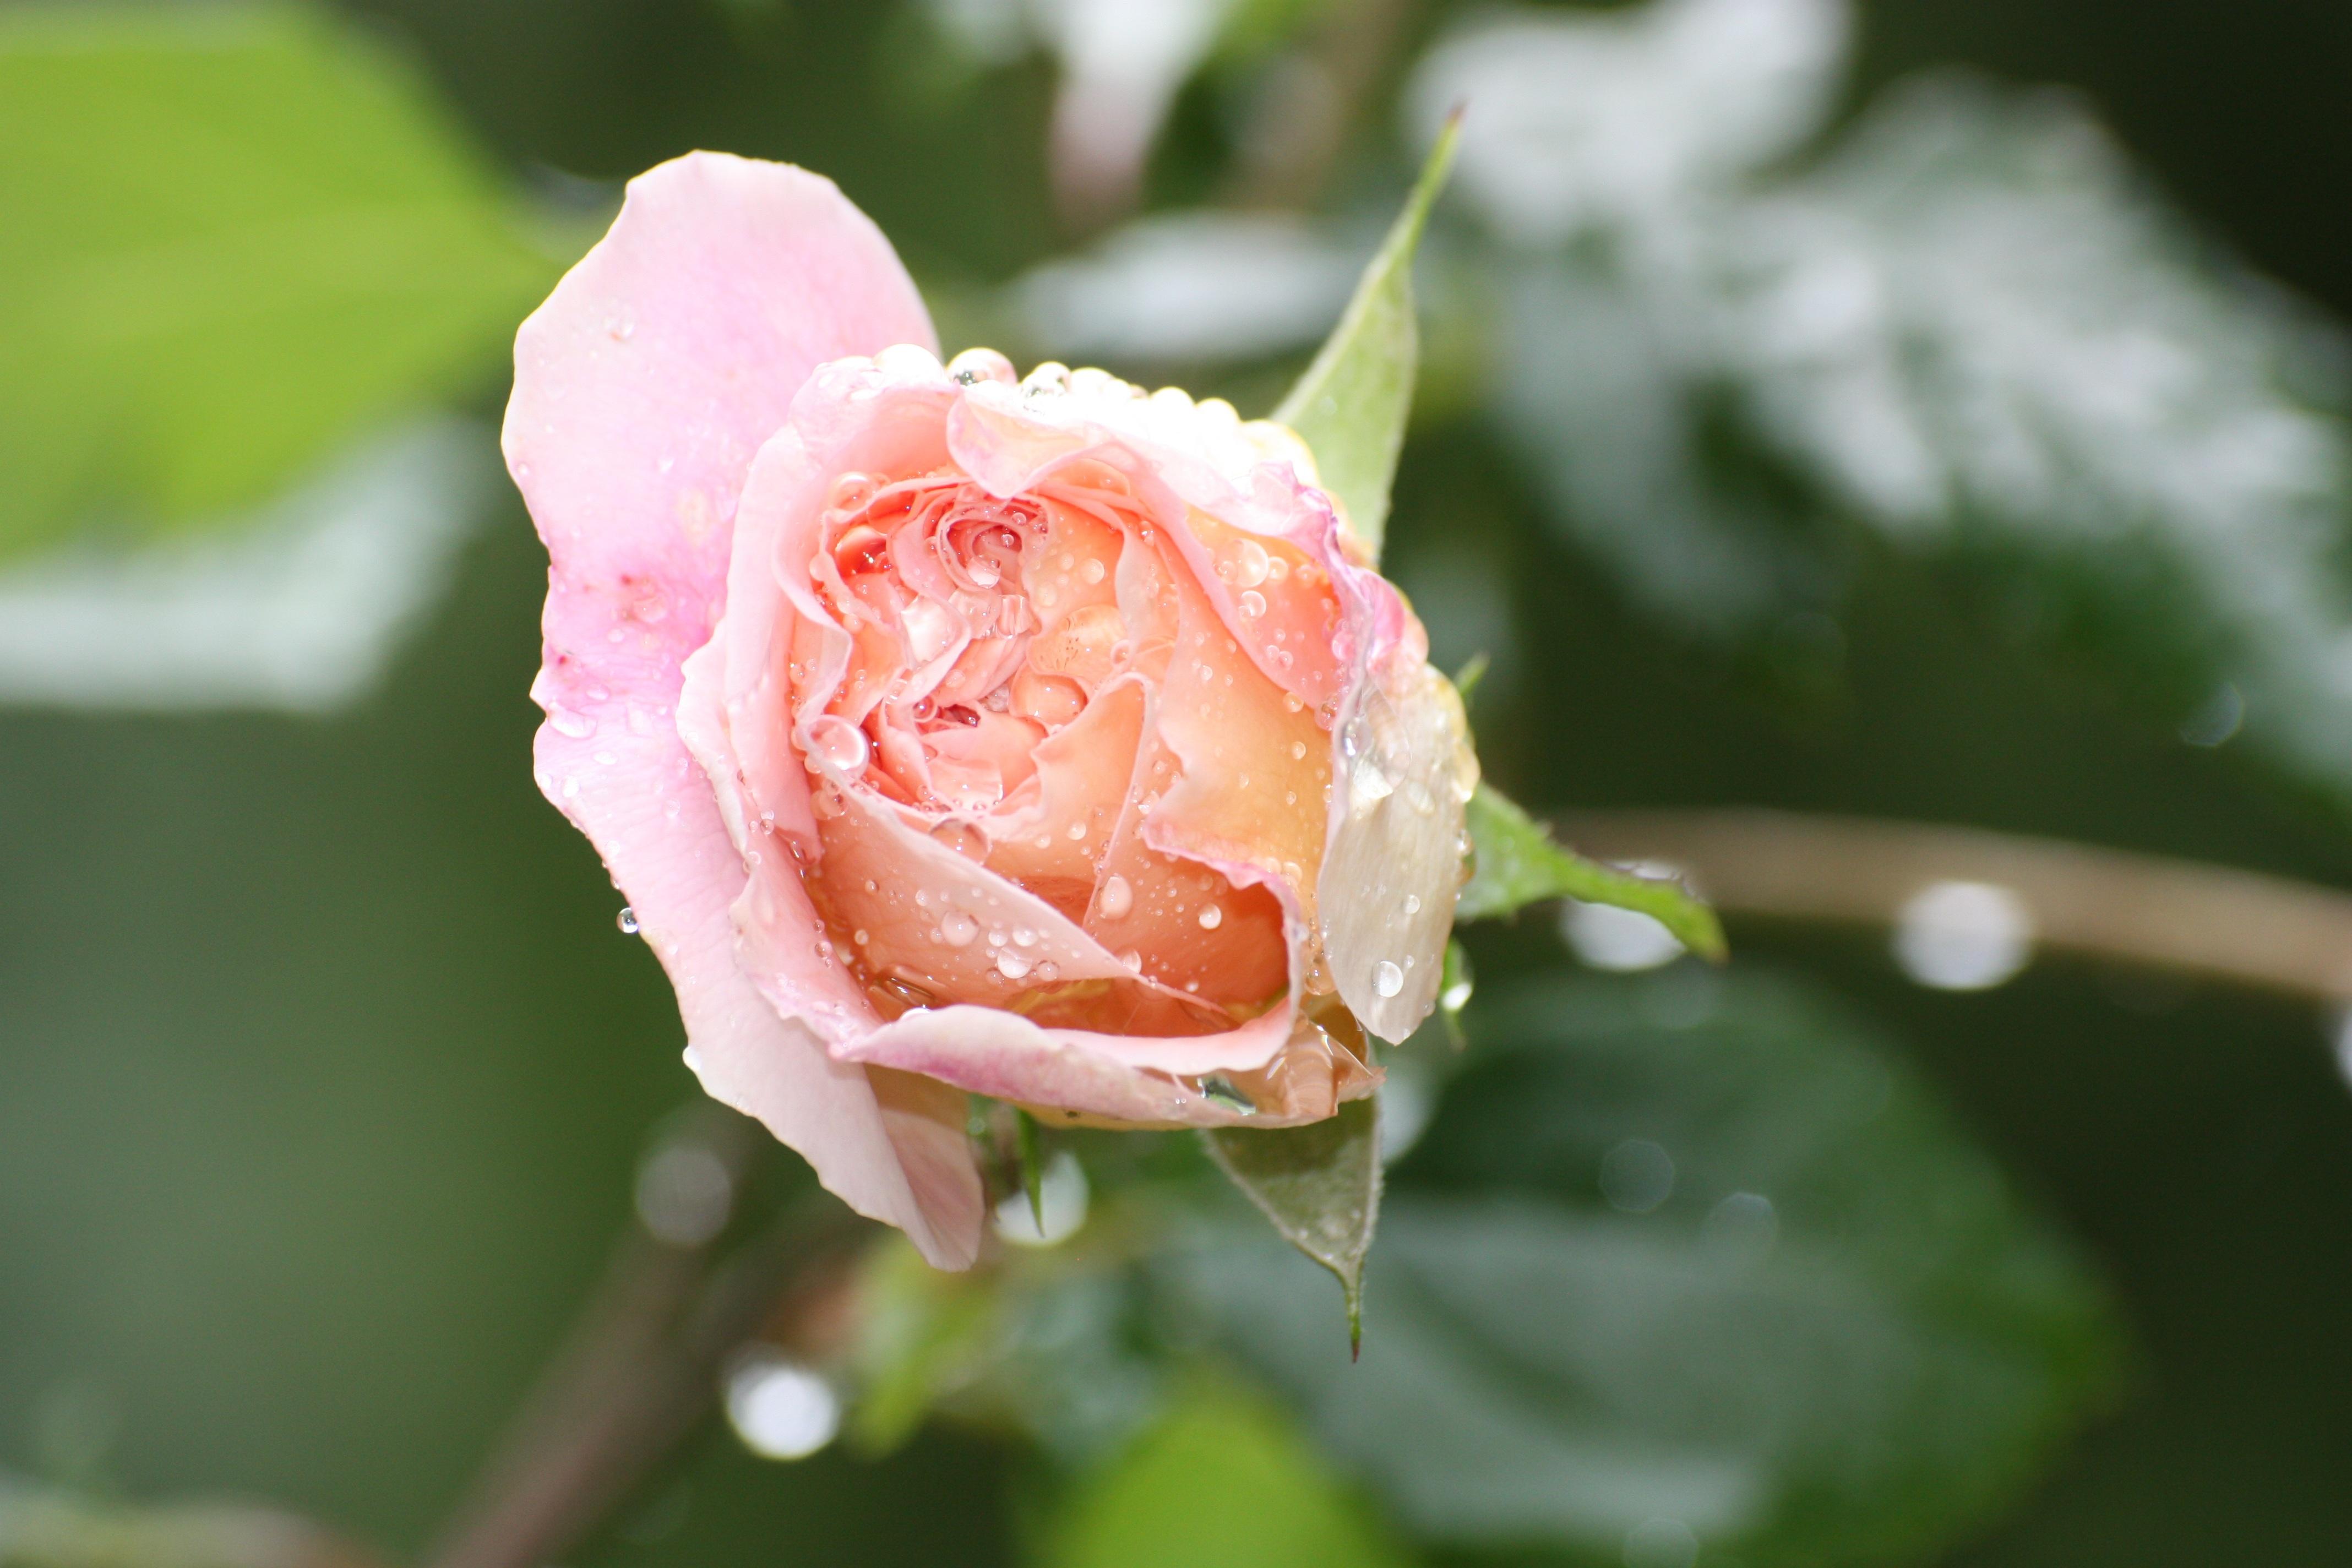 блик распускание цветка фото орленке